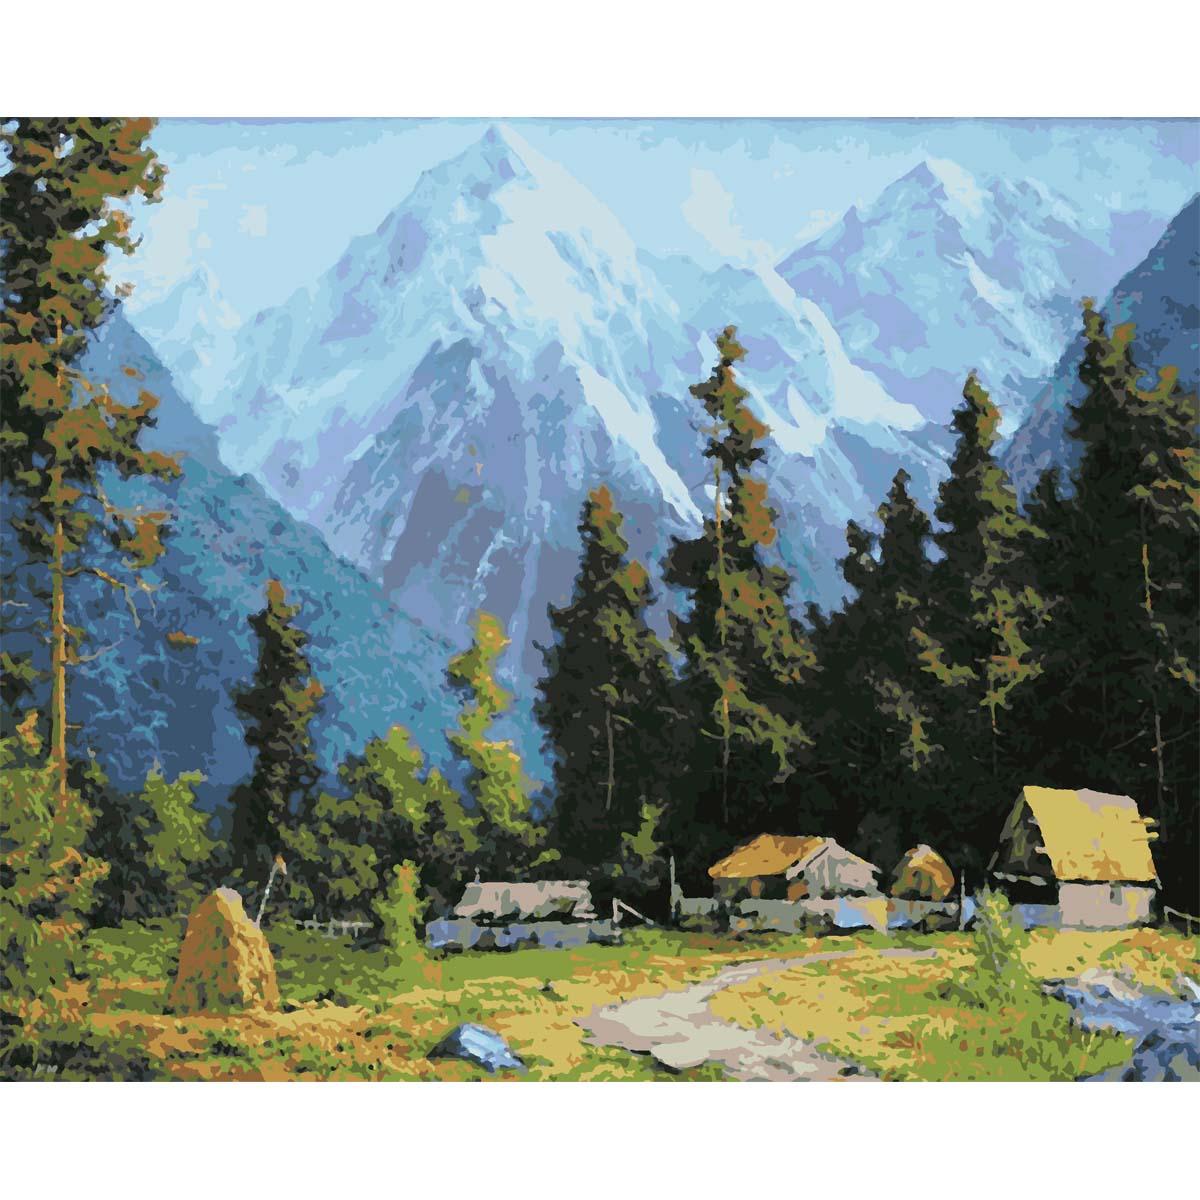 HS0116 Набор для рисования по номерам 'Деревня в горах' 40*50см